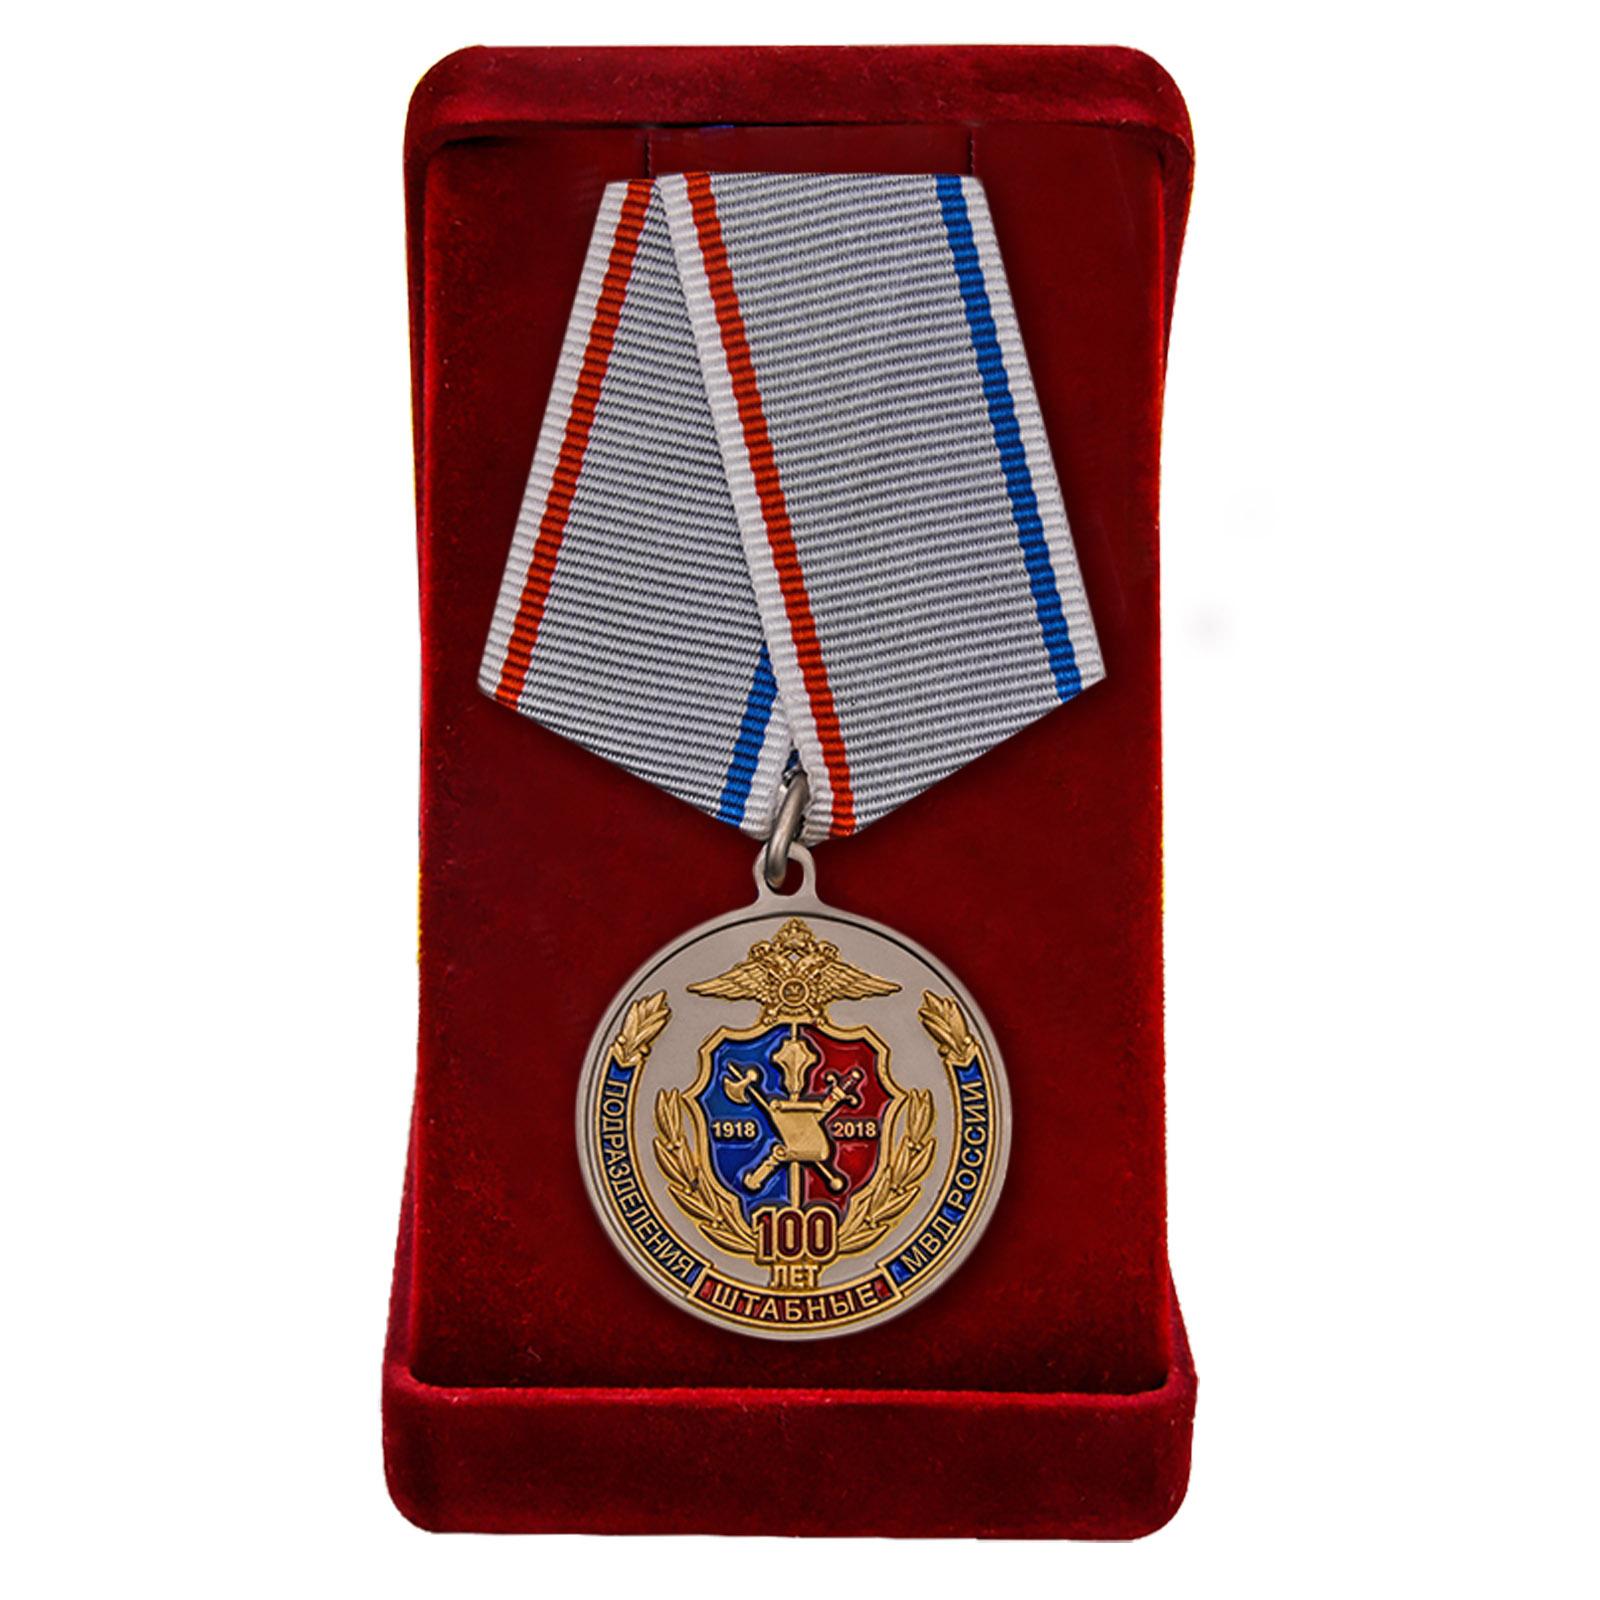 Купить юбилейную медаль 100 лет Штабным подразделениям МВД России онлайн